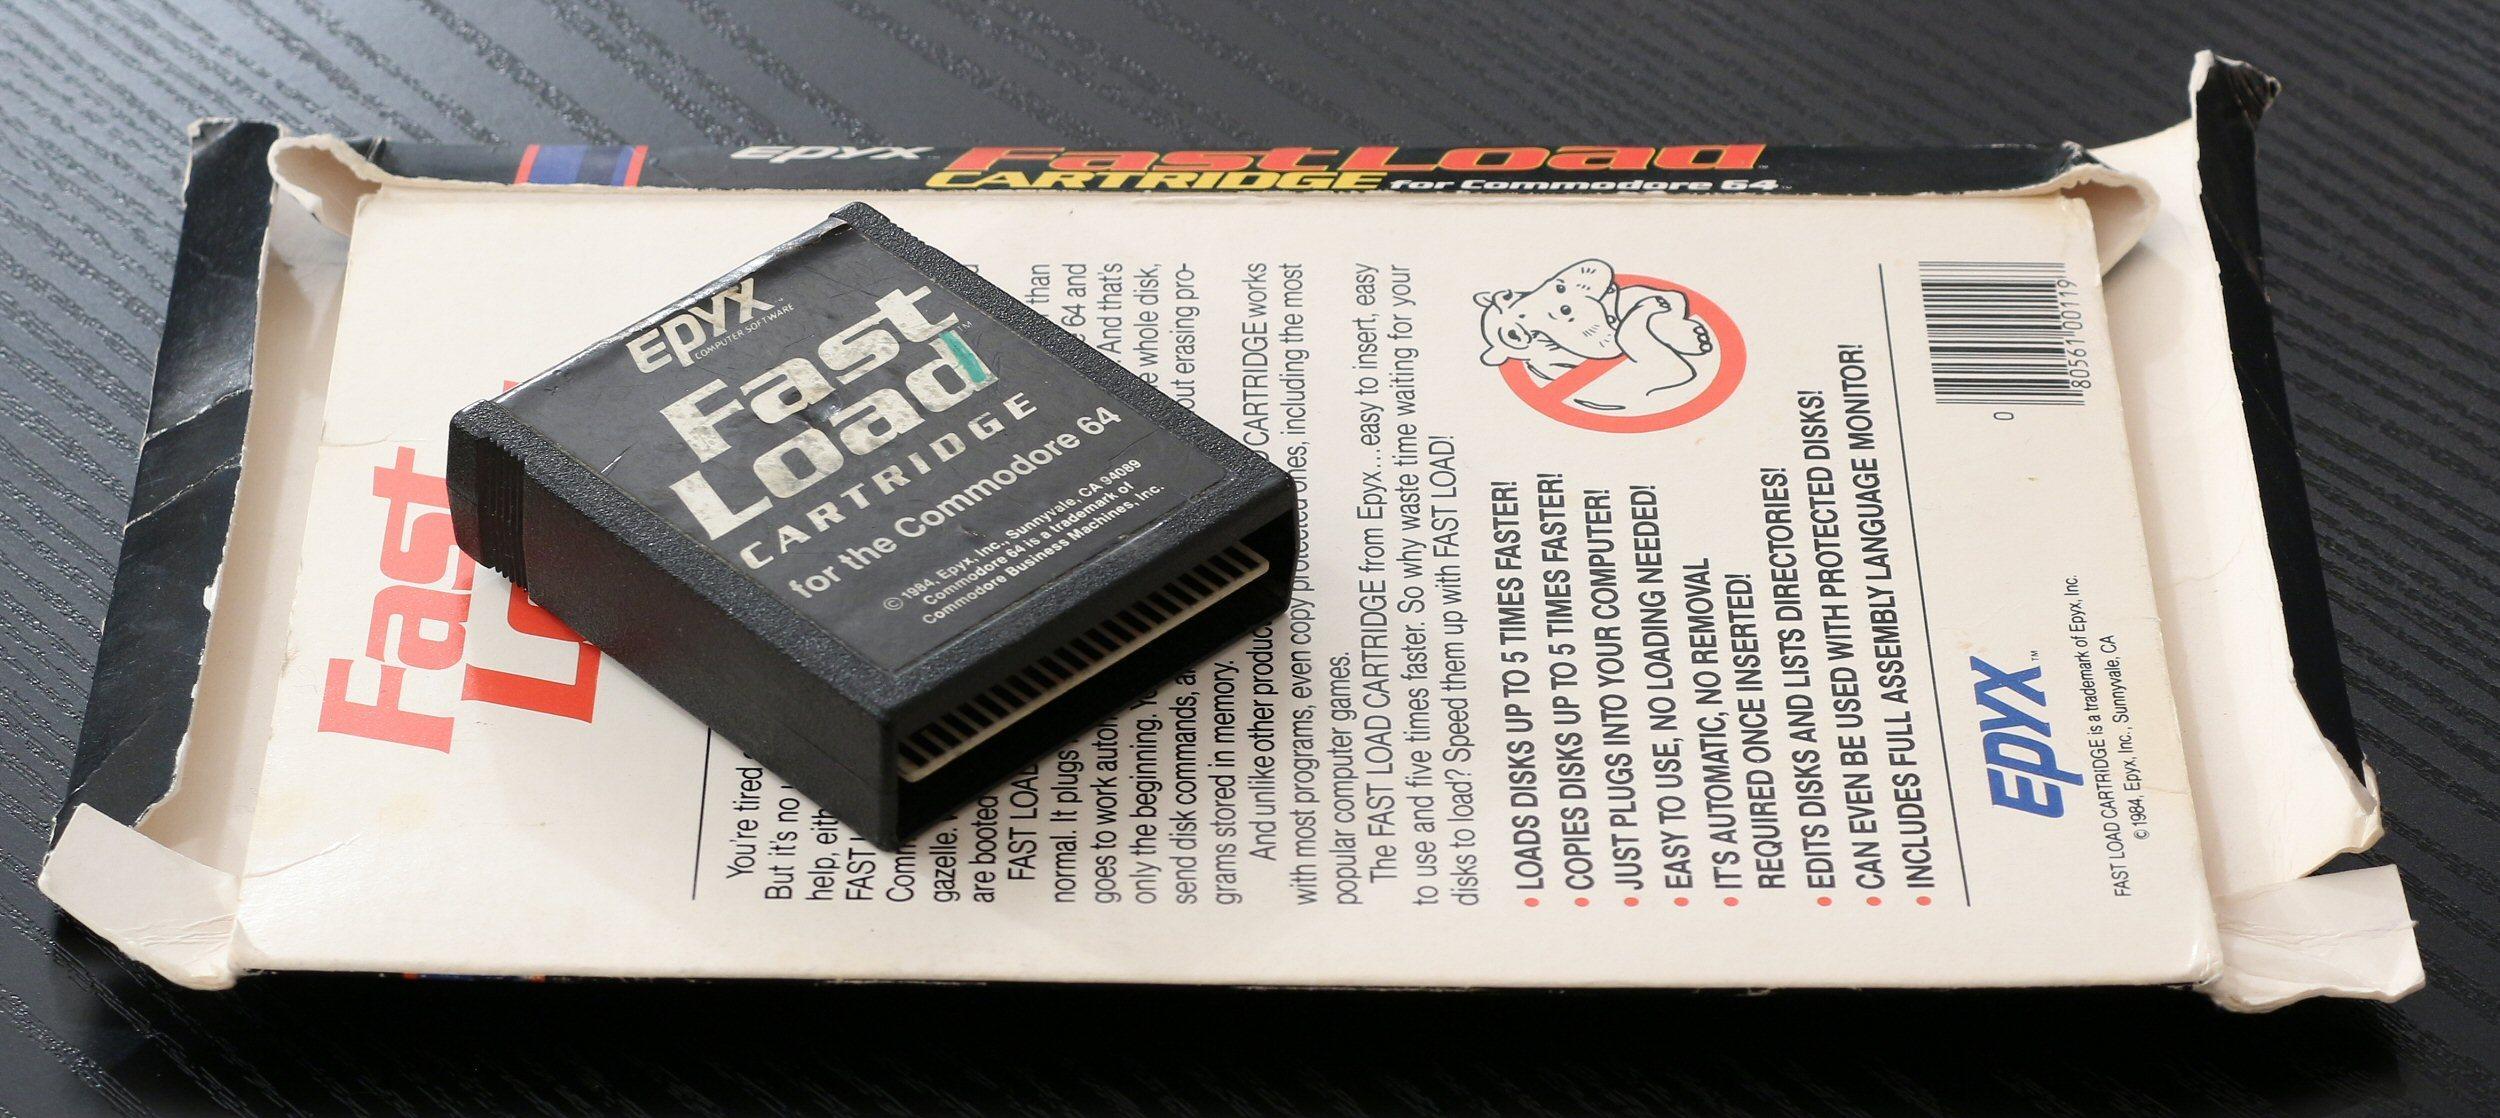 Epyx' Fast Load Cartridge kunne få opp farten på Commodores diskettstasjon. Foto: Vegar Jansen, Tek.no